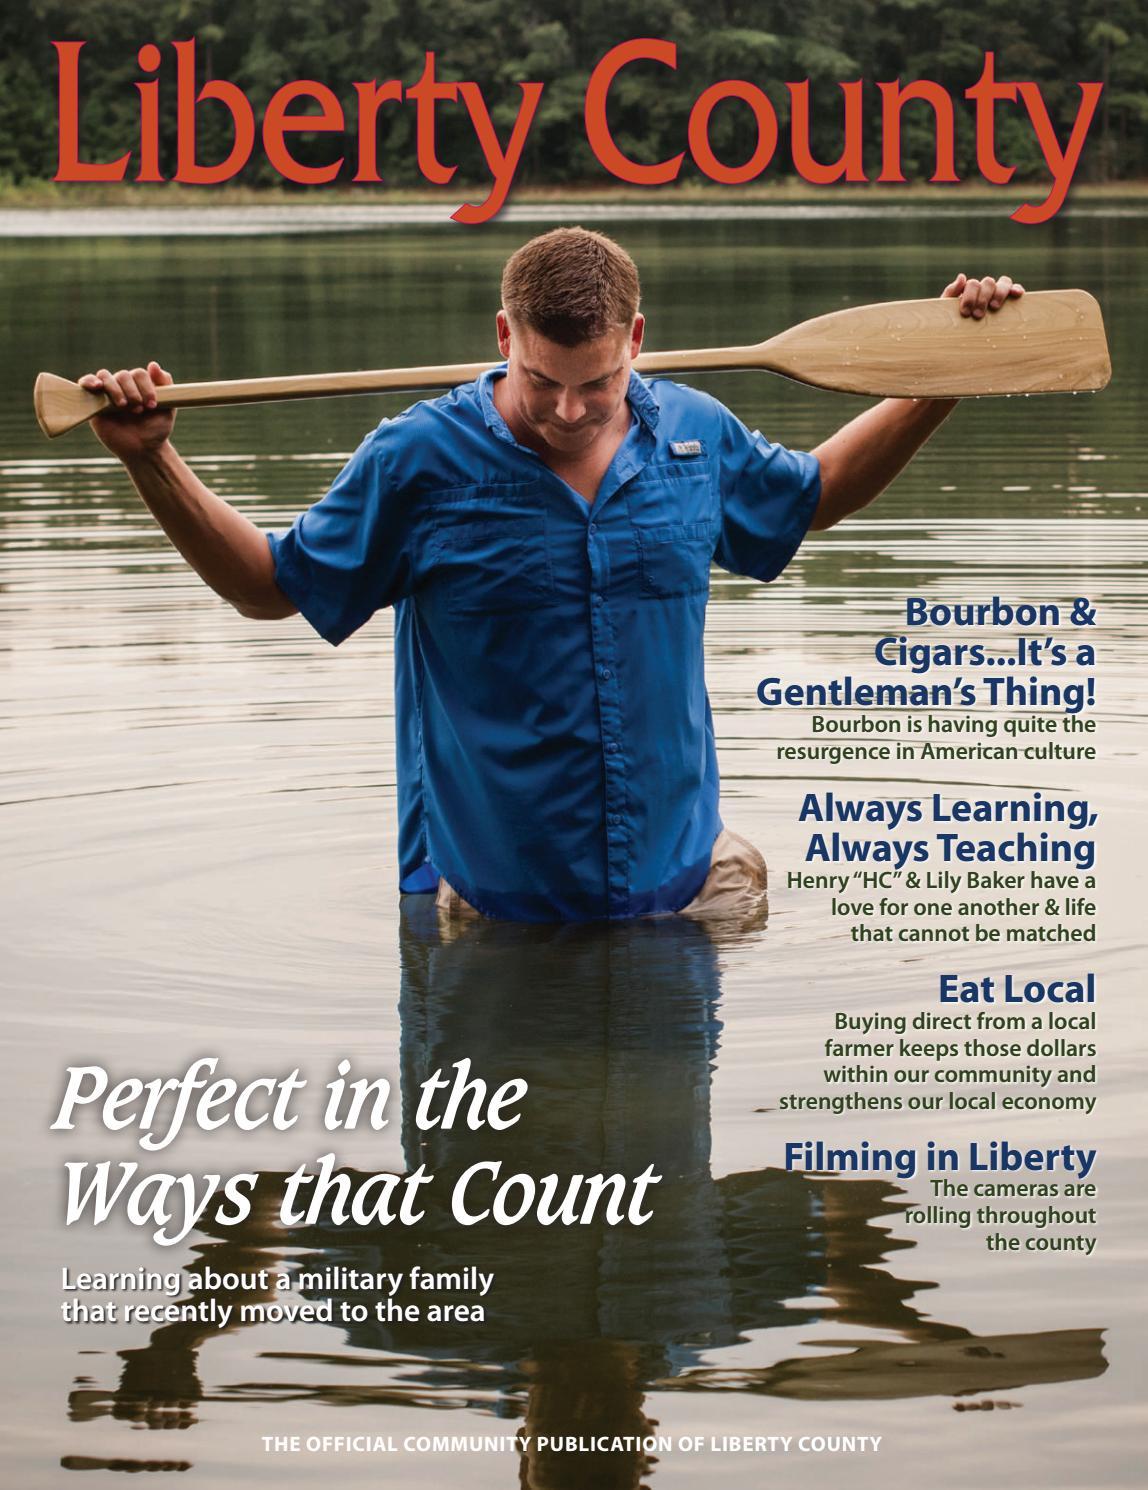 Liberty County Magazine 2016 By Liberty County Chamber Ofmerce  Issuu